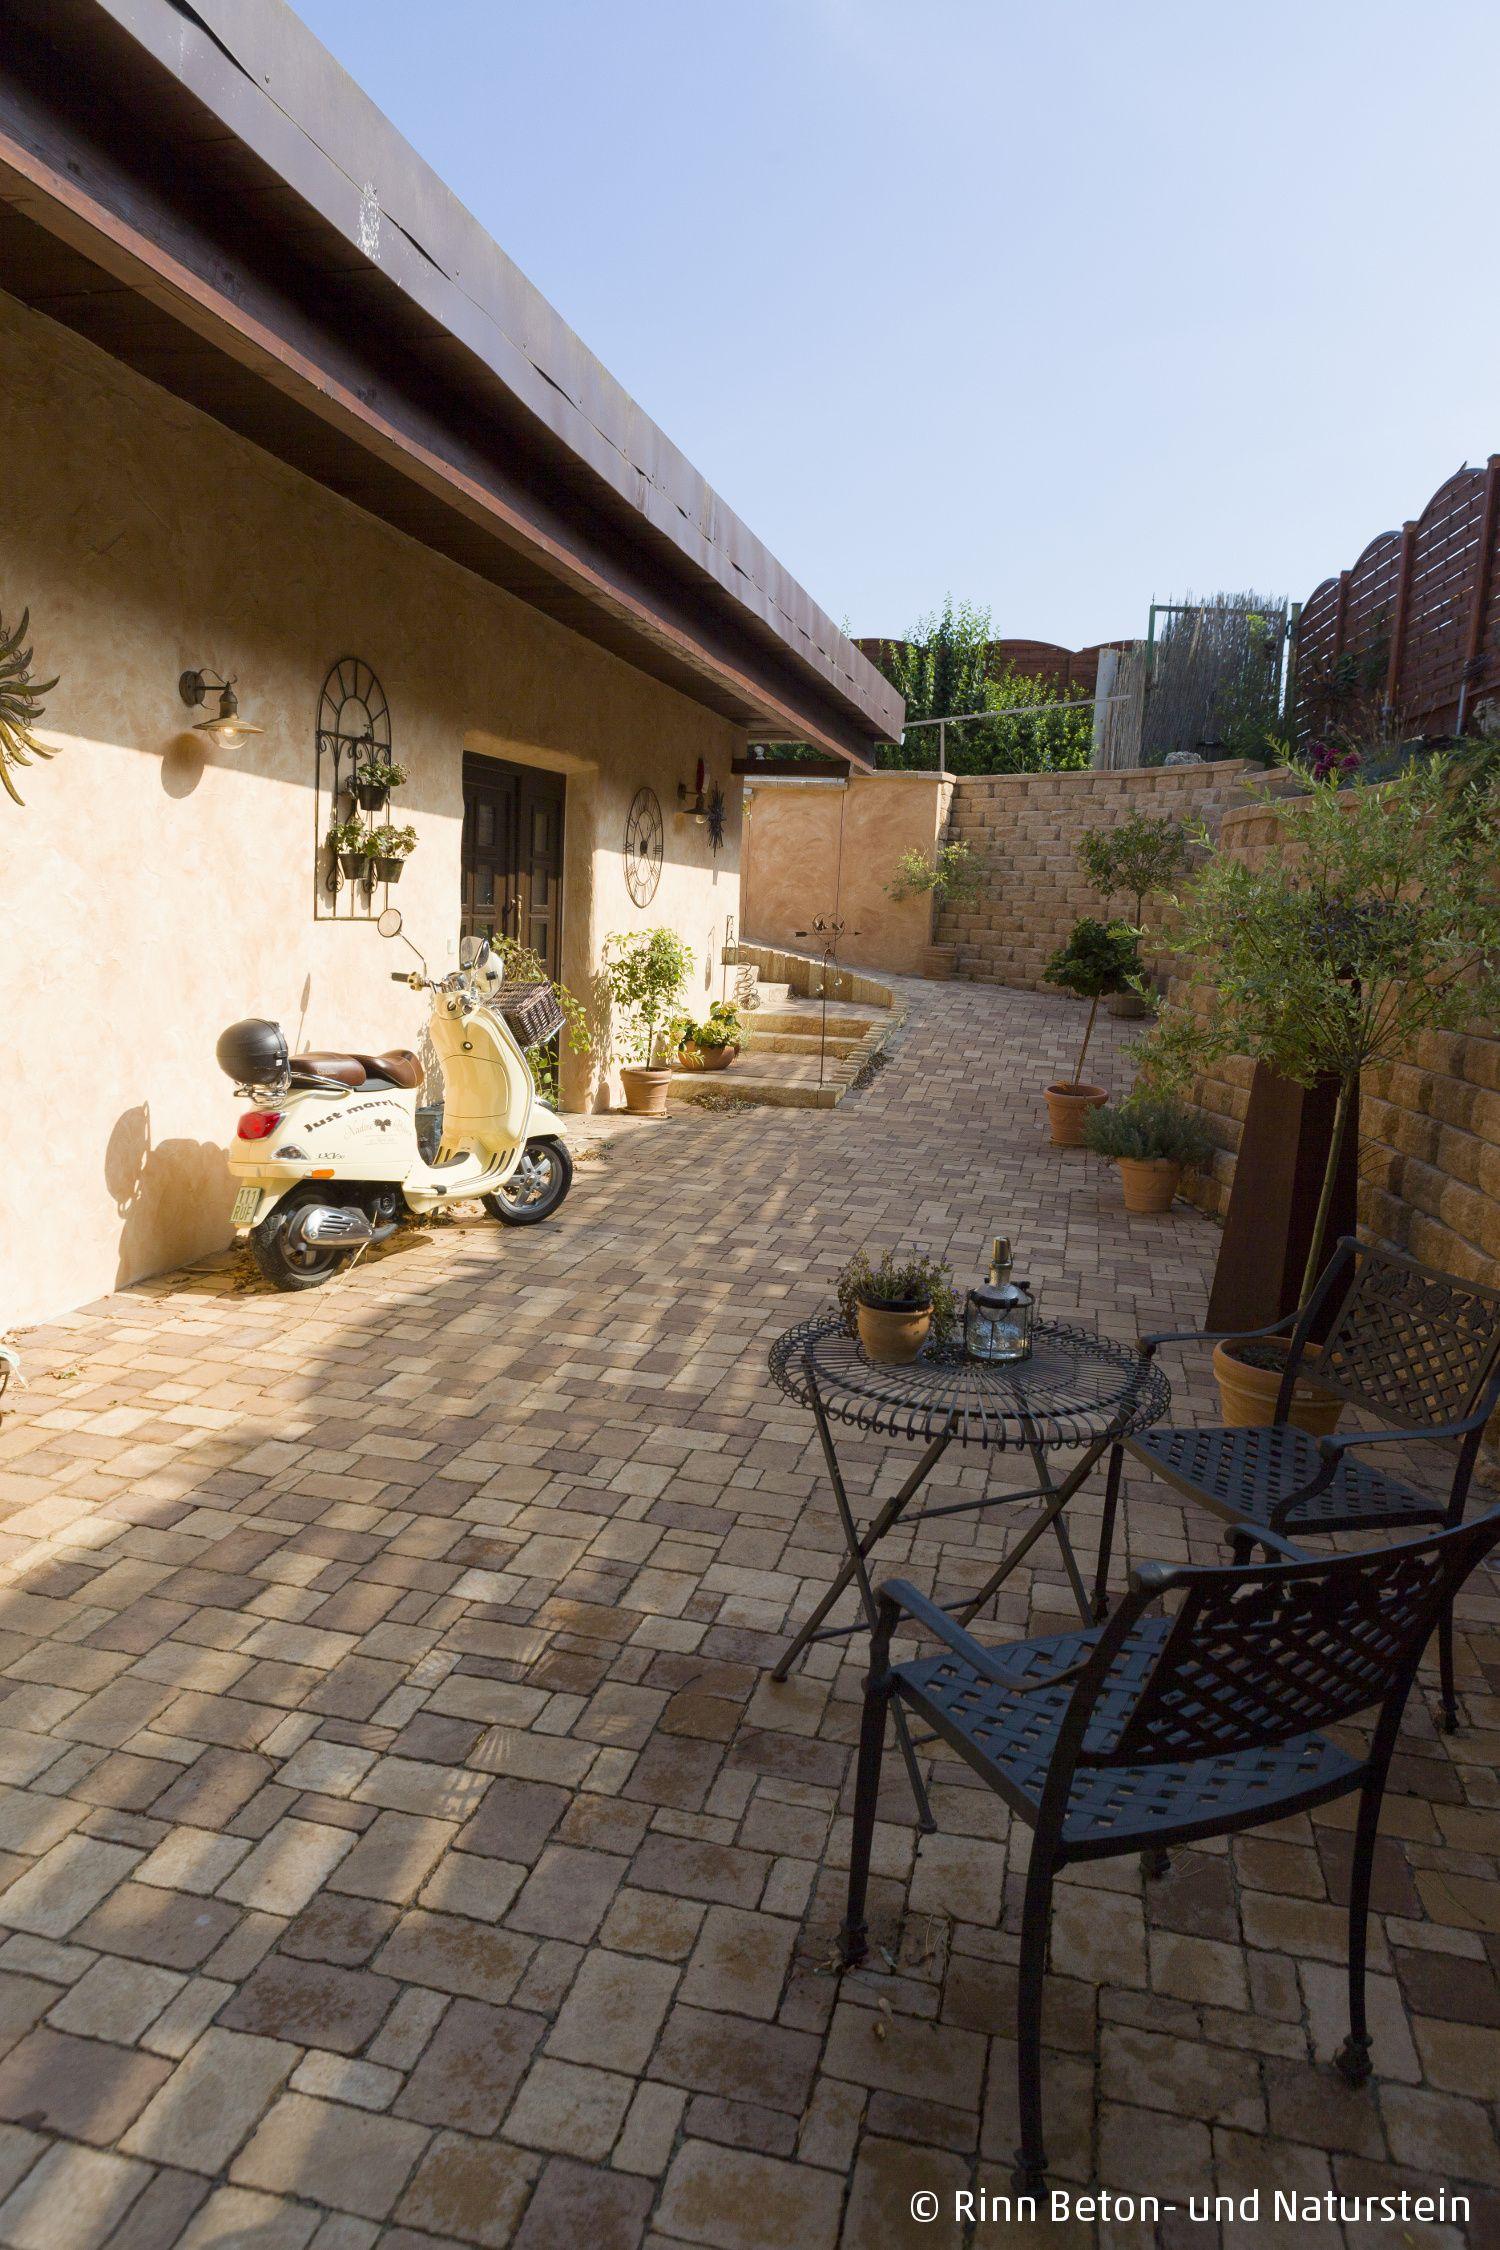 Grosse Hohenunterschiede Stilvoll Ausgleichen Gartengestaltung Einfahrt Gestalten Stil